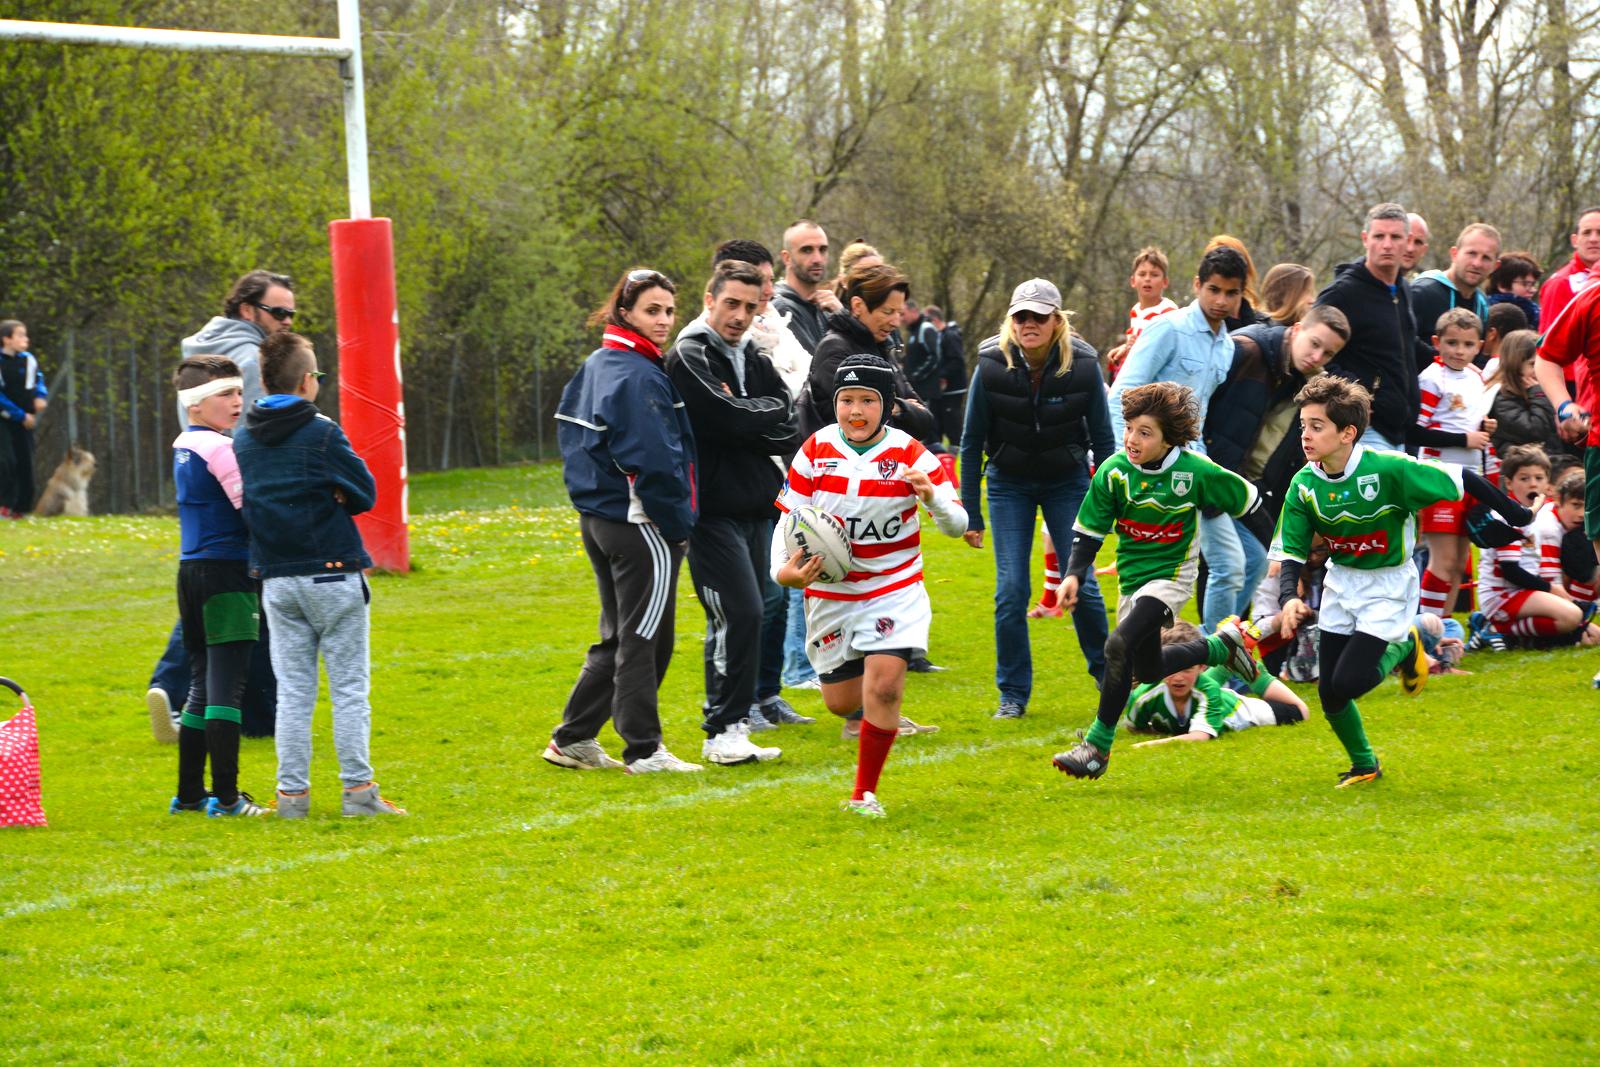 Tiger-Tour-2015-groupe-association-tournoi-rugby-pau-le-cercle-Match-ProD2-agence-evenementielle-pyrenees-53